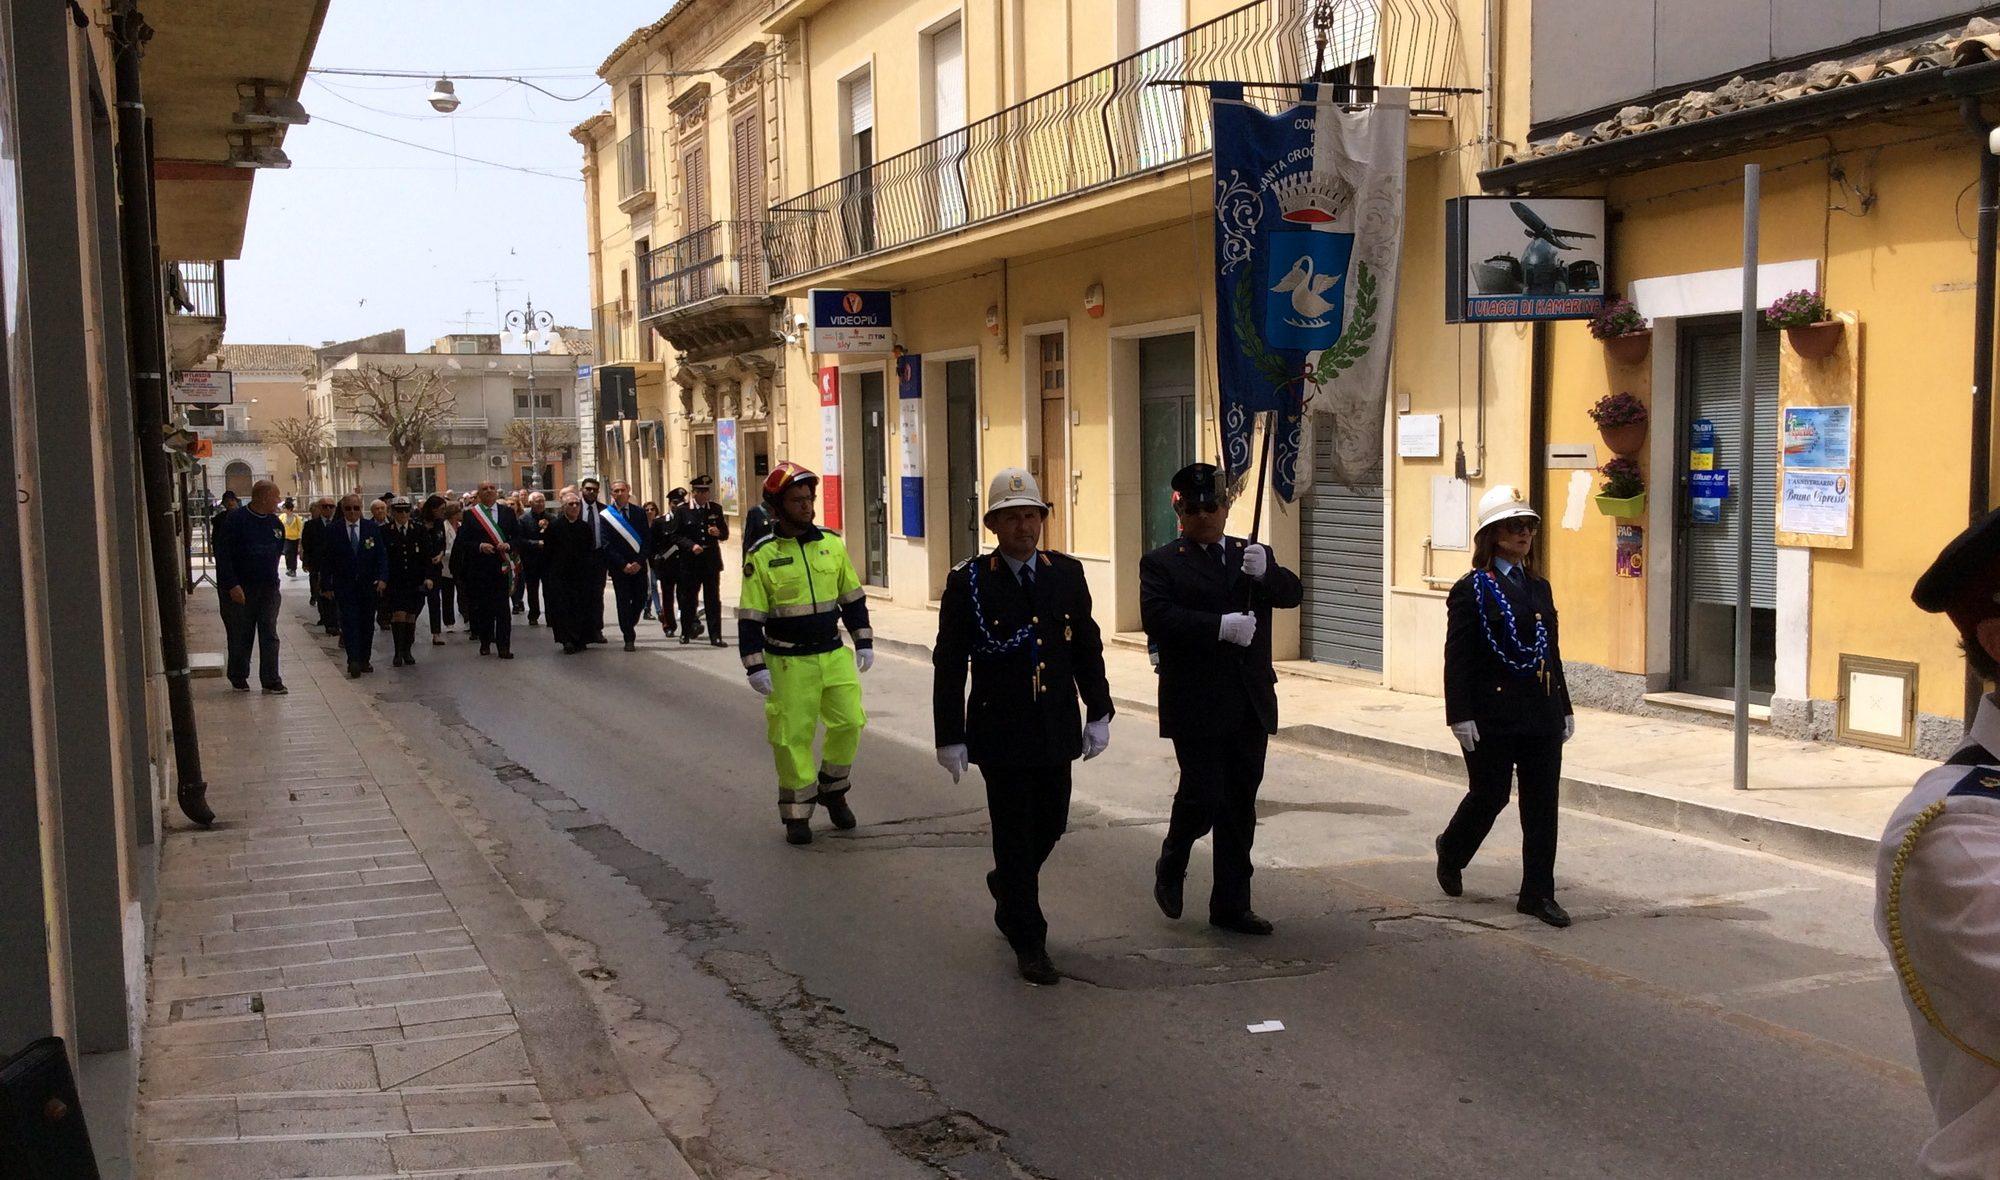 Le celebrazioni del 25 aprile a Santa Croce: guarda video e fotogallery